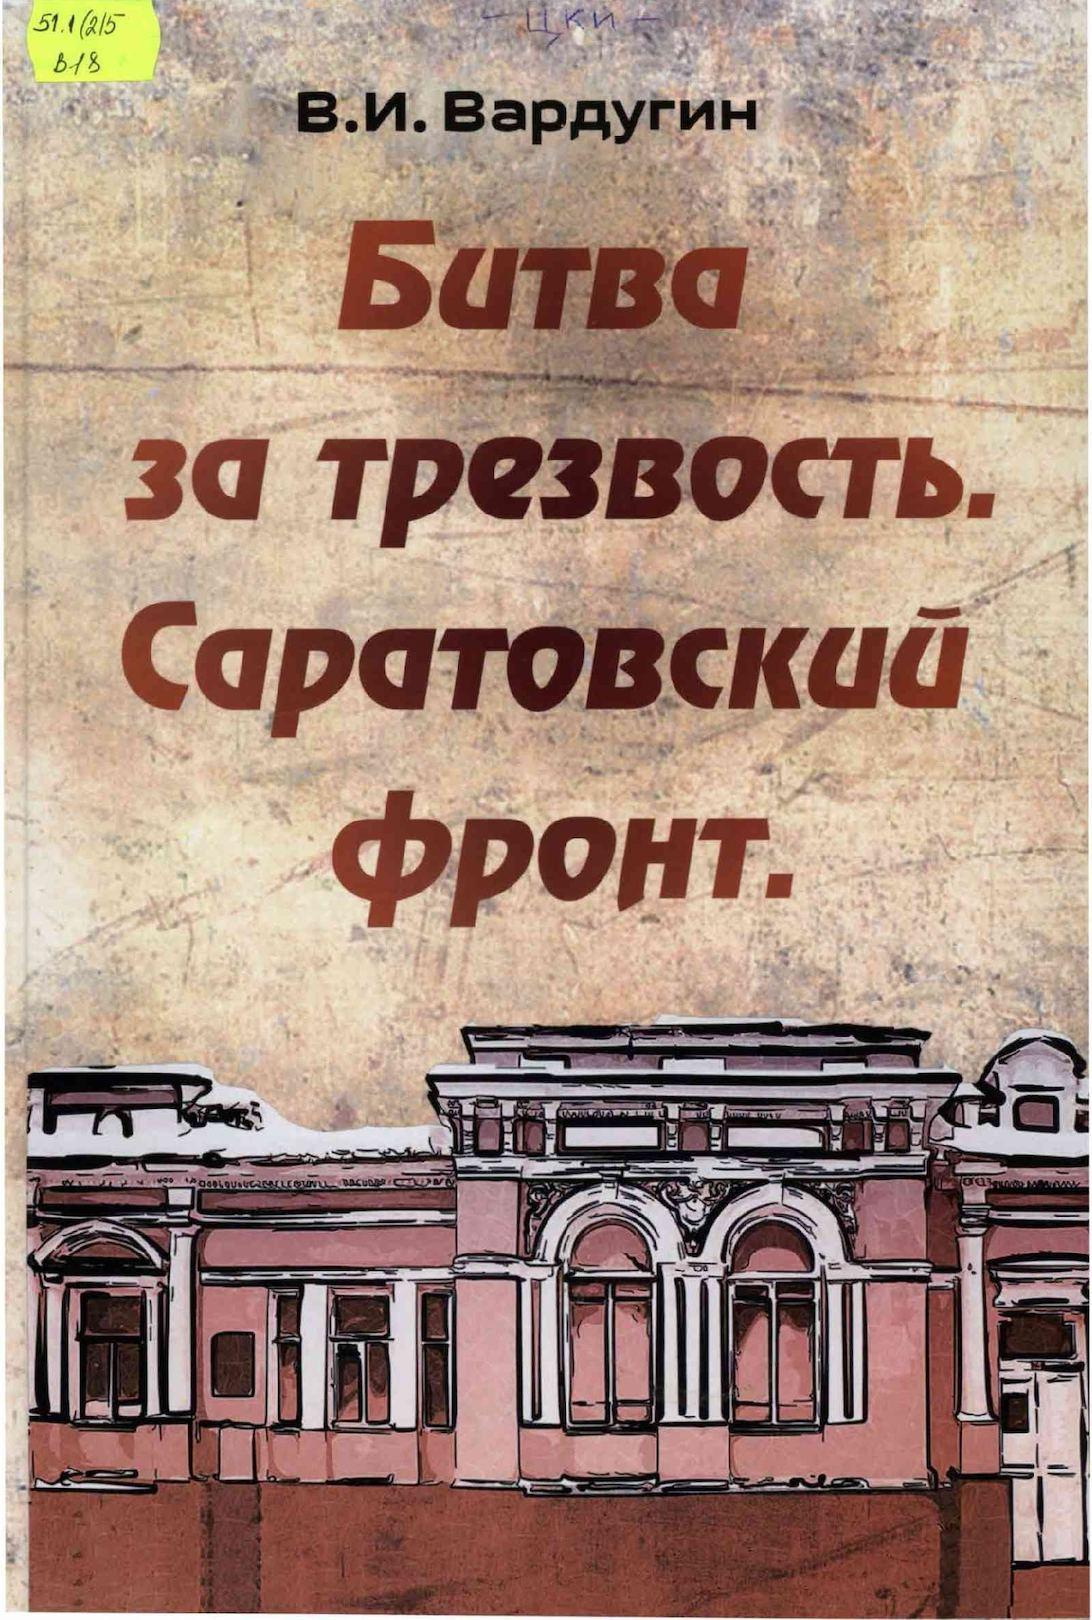 История средних веков 6 класса печатная тетрадь 19 порагров расцвет древней руси ответ на1 вопрос